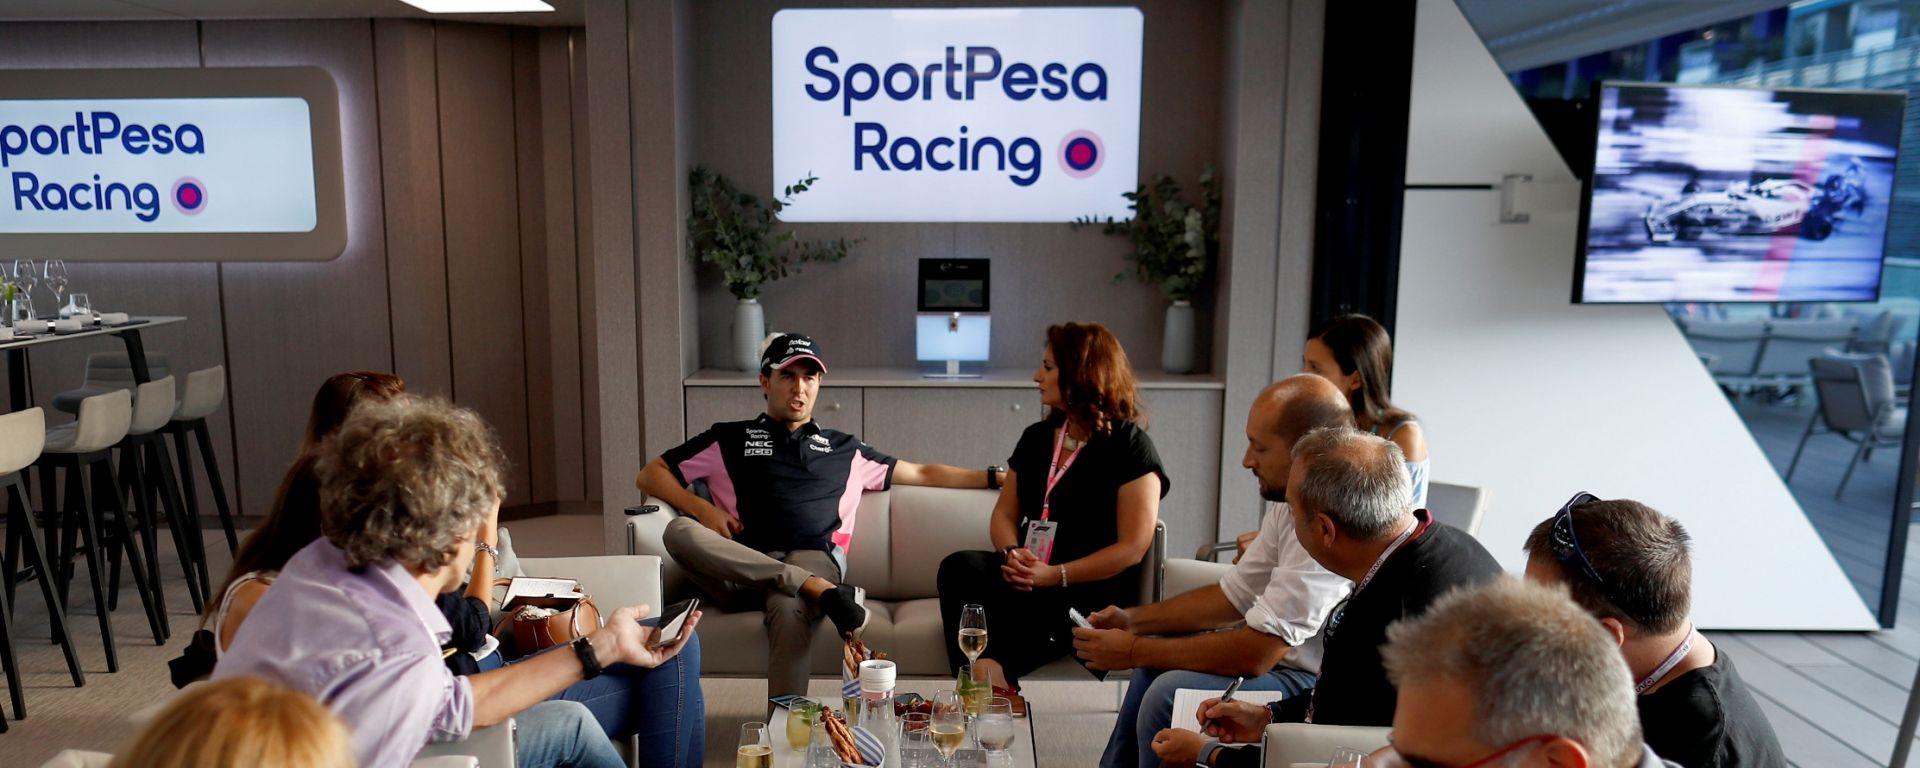 F1 Monza: un pomeriggio in SportPesa Racing Point